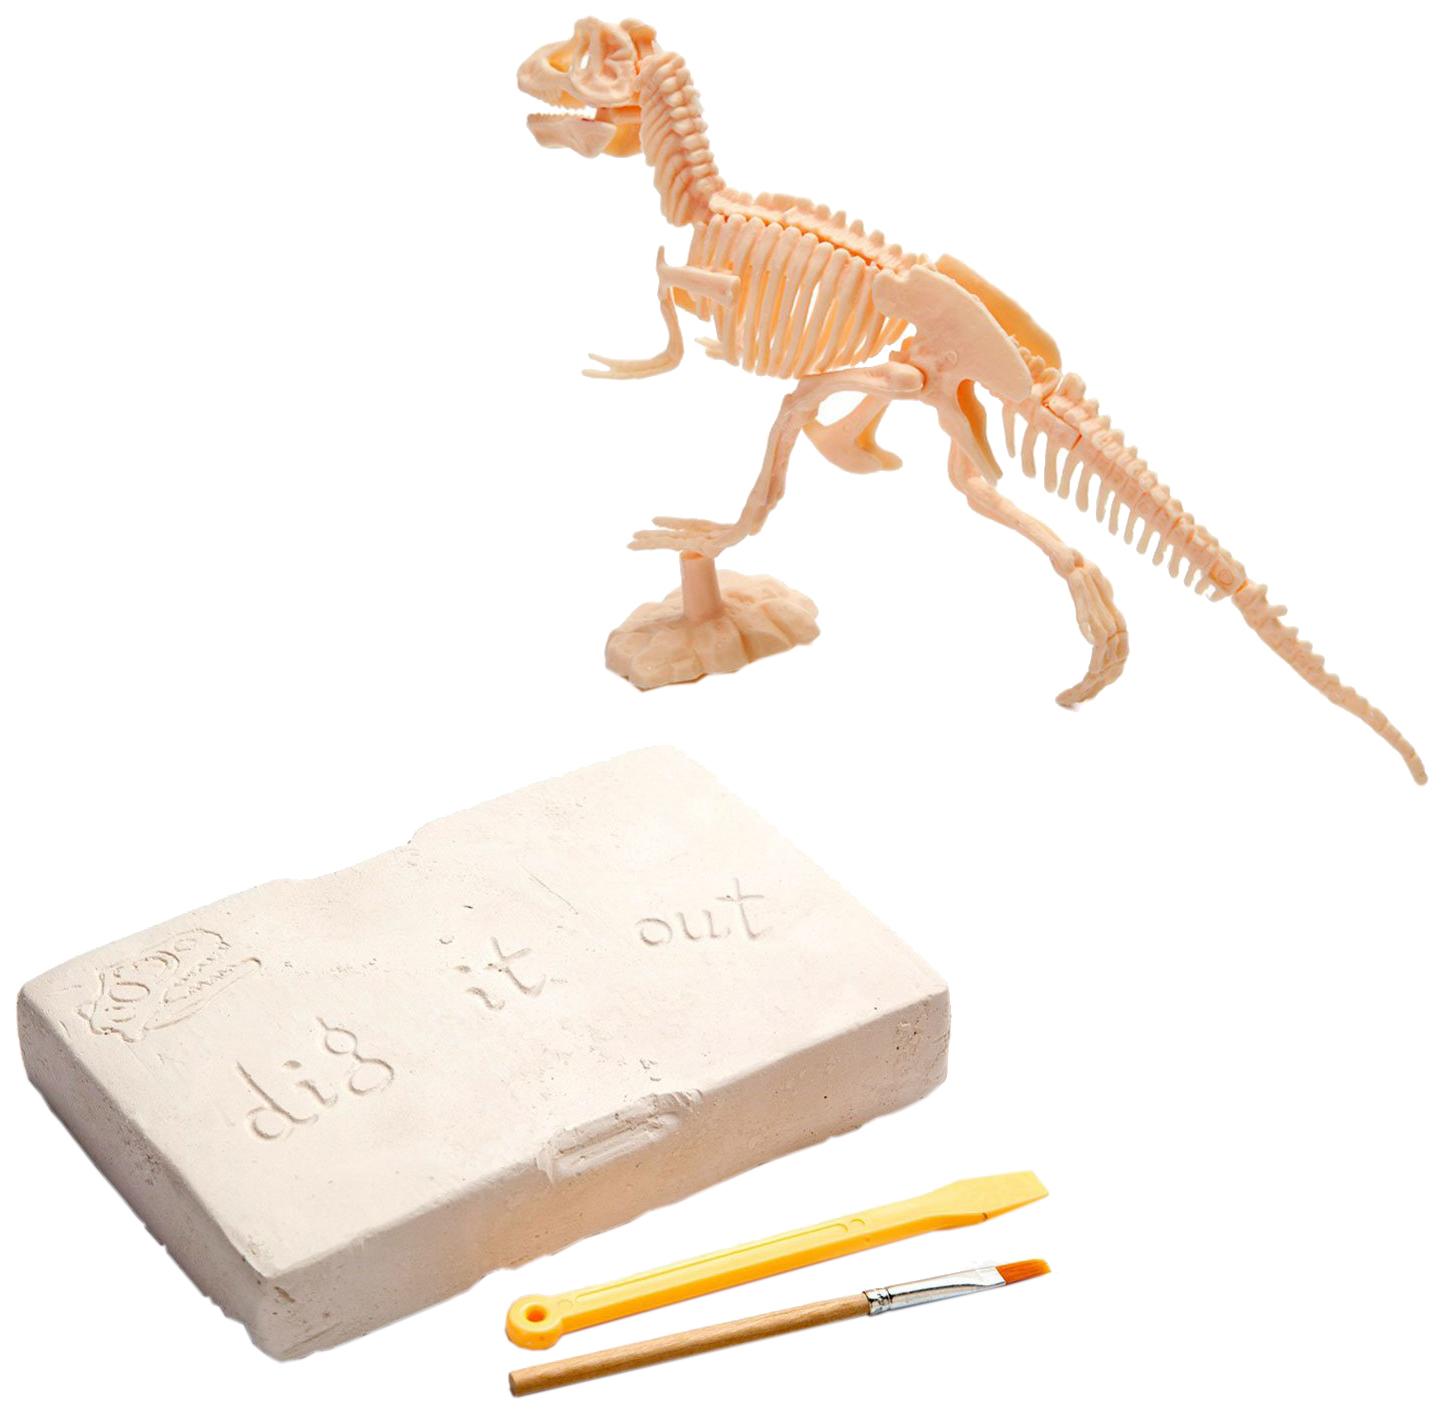 Набор для исследования BRADEX Юный археолог Бронтозавр DE 0264